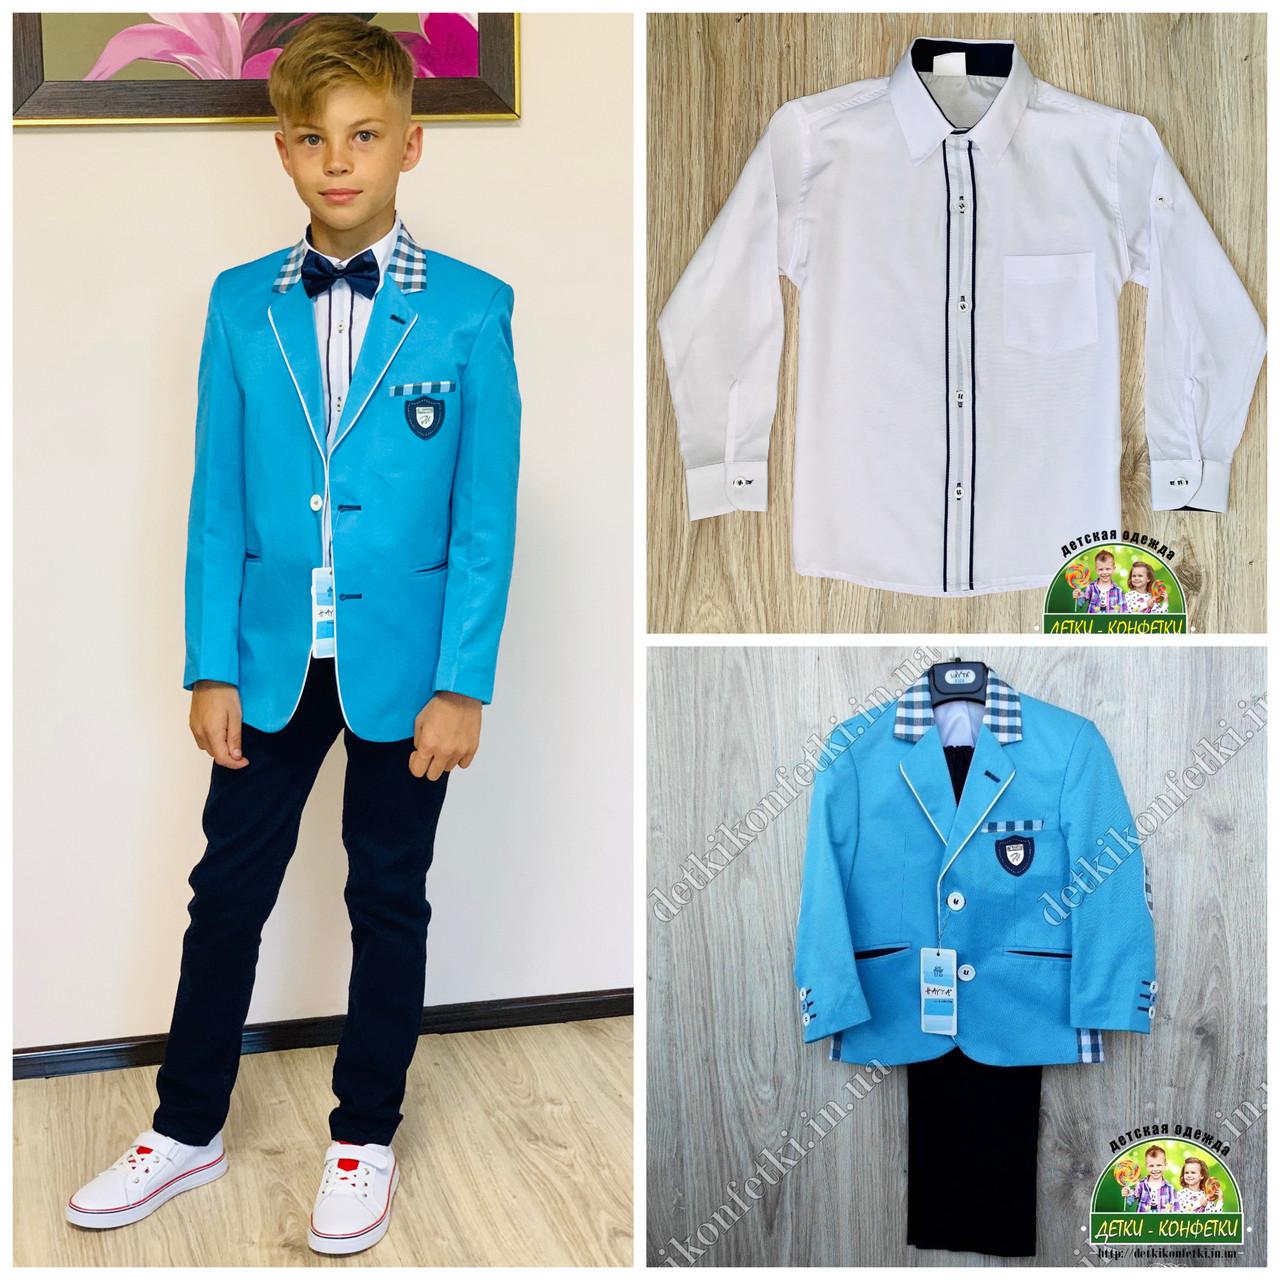 Костюм для мальчика: голубой пиджак и брюки, на выпускной или торжество